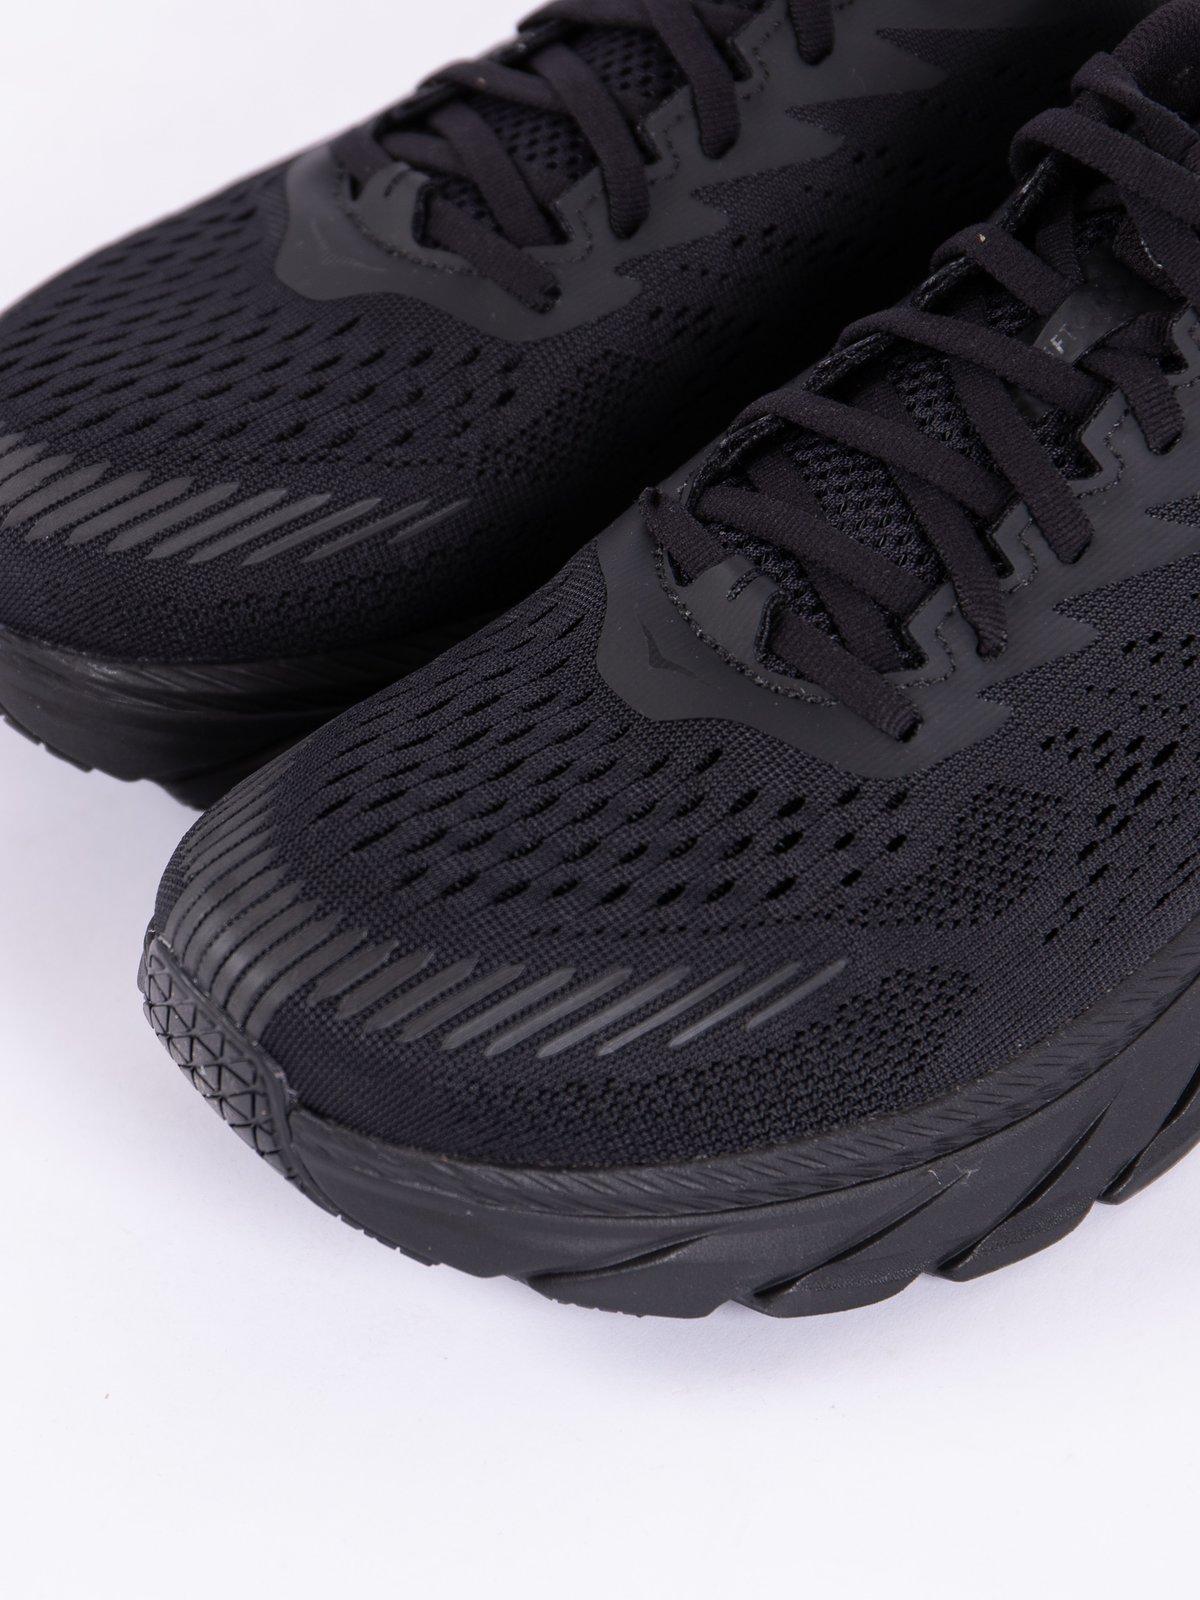 Black/Black Clifton 7 - Image 2